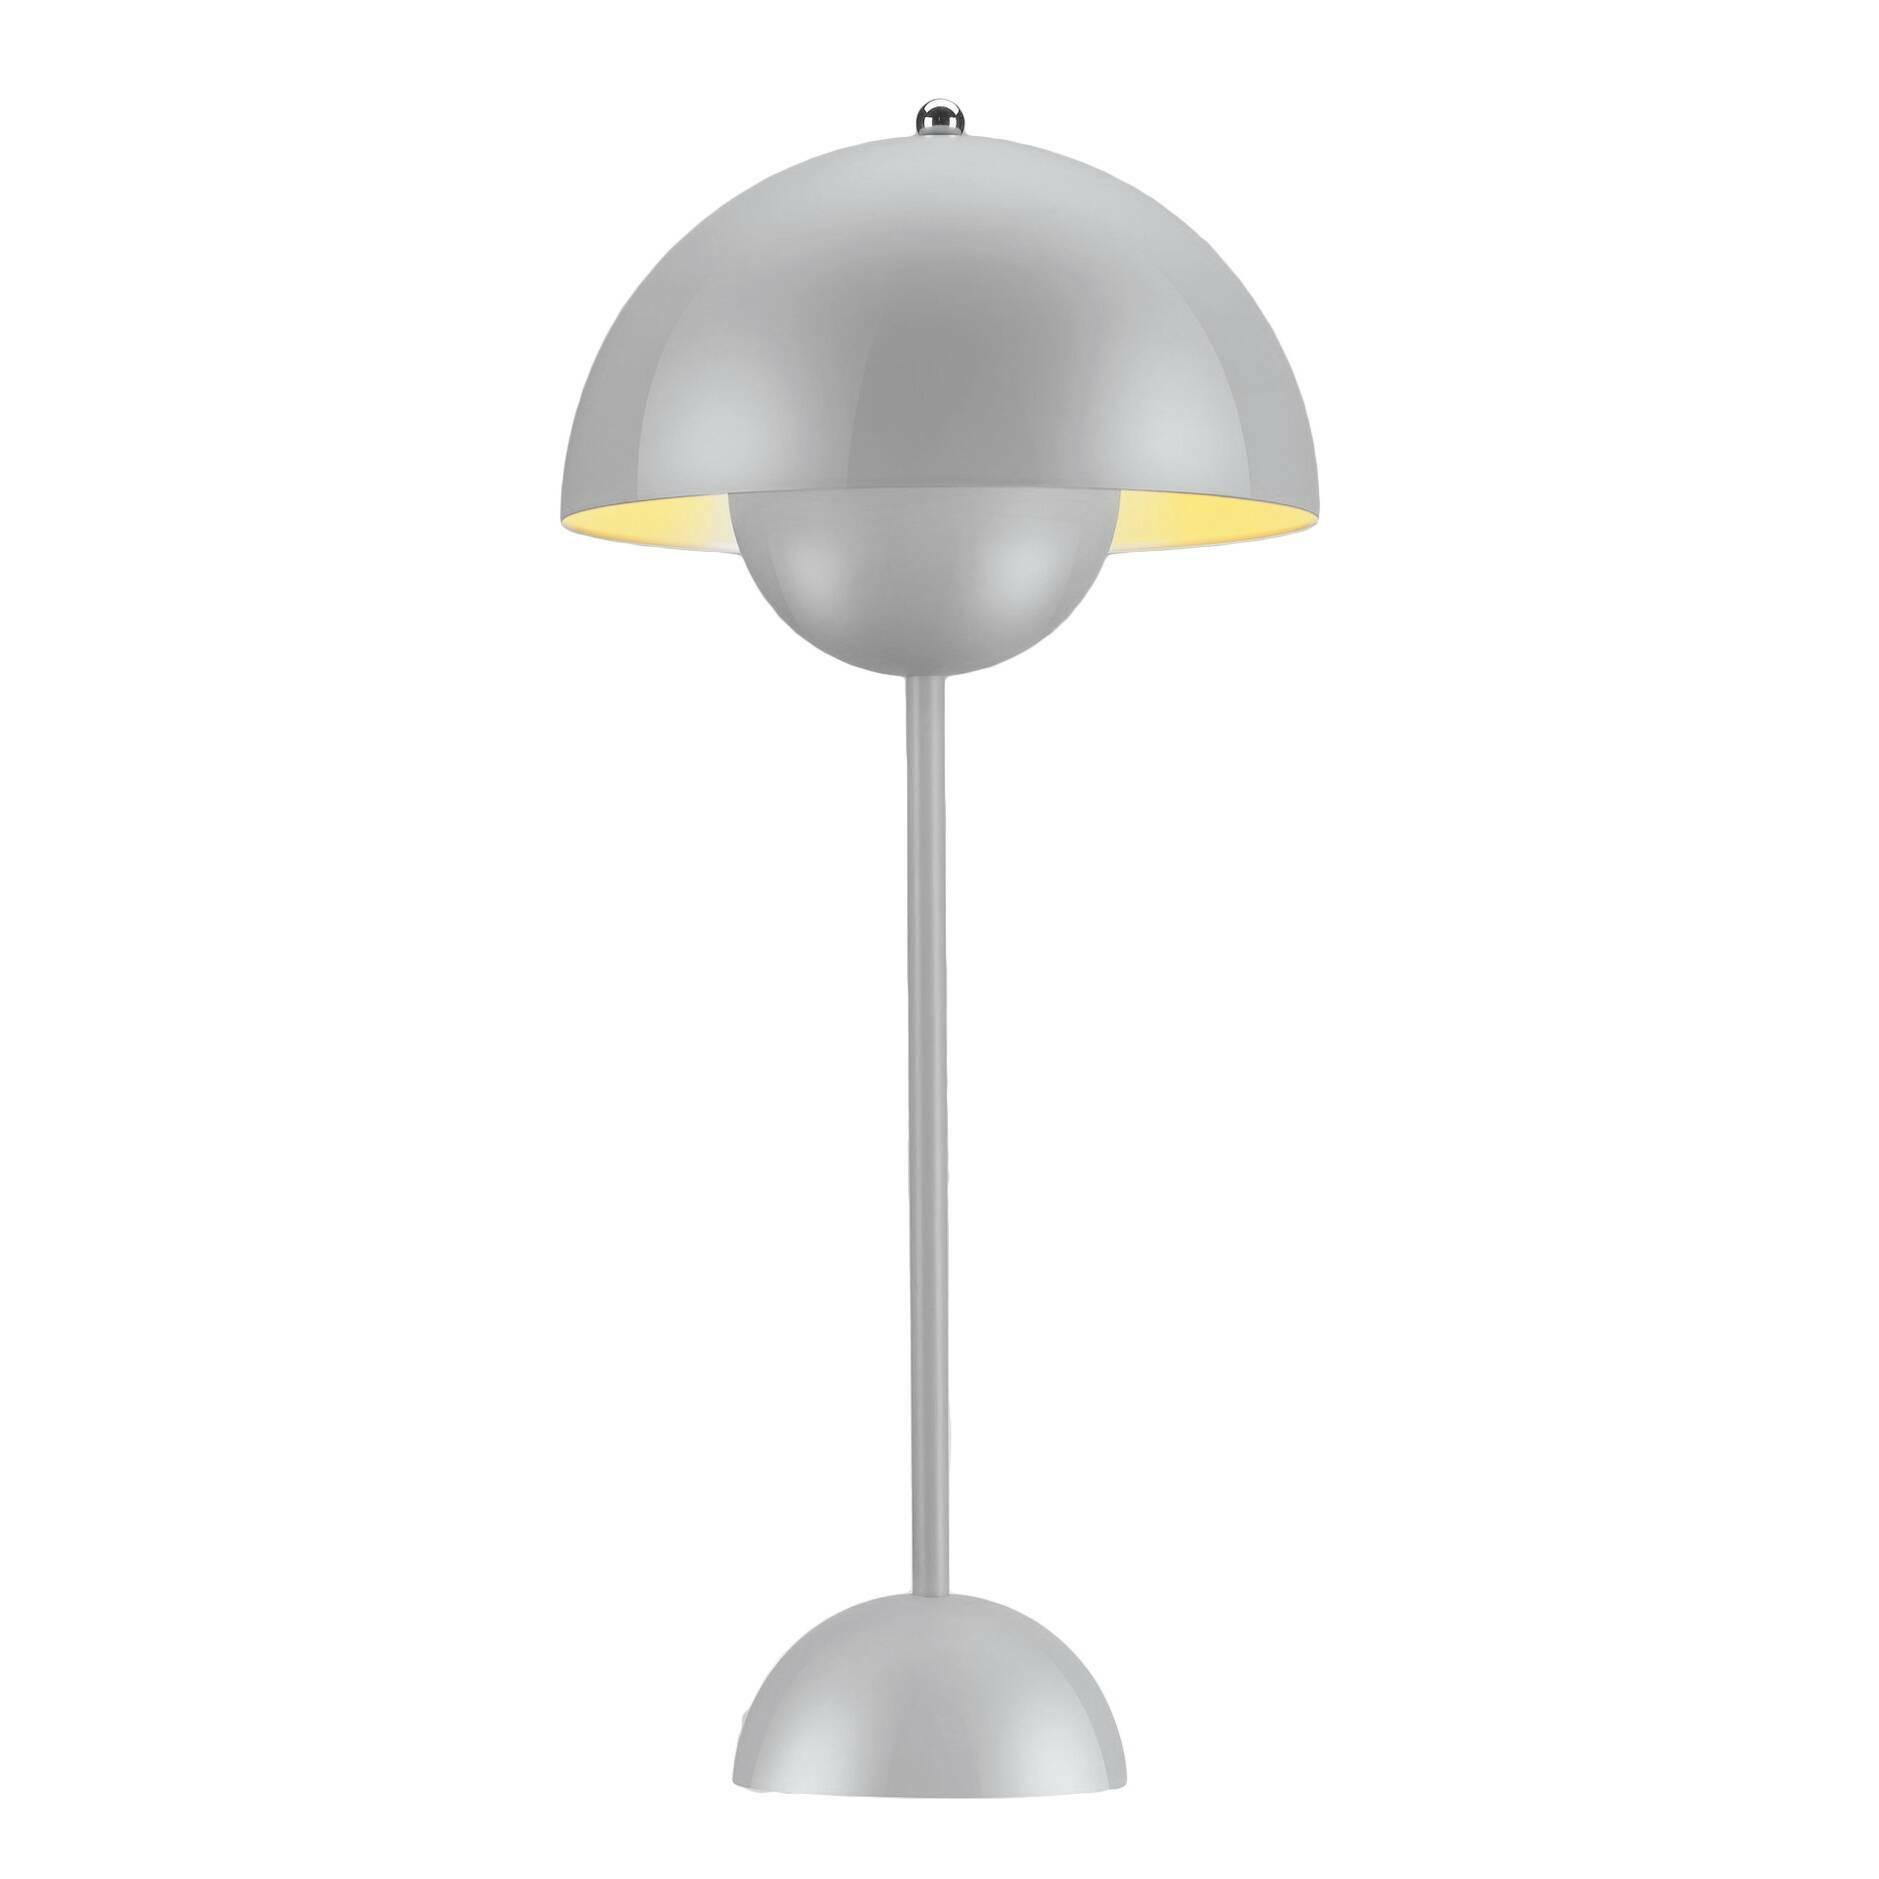 Настольный светильник Flower PotНастольные<br>Поклонникам футуристичного дизайна в стиле Стенли Кубрика или «Интерстеллара» как нельзя лучше подойдут мебель и осветительные приборы скандинавского патриарха, ученика Арне Якобсена Вернера Пантона. Революционер в области дизайна, он когда-то провозгласил: «Нет такого закона, по которому в гостиной должны стоять диван, два кресла и журнальный столик. Есть и другие способы создать атмосферу релаксации». И создавал ее: на его яркие психоделические интерьеры, в которых Пантон играл с цветом, фо...<br><br>stock: 0<br>Высота: 48<br>Диаметр: 23<br>Материал абажура: Алюминий<br>Материал арматуры: Сталь<br>Ламп в комплекте: Нет<br>Цвет абажура: Серый<br>Цвет арматуры: Серый